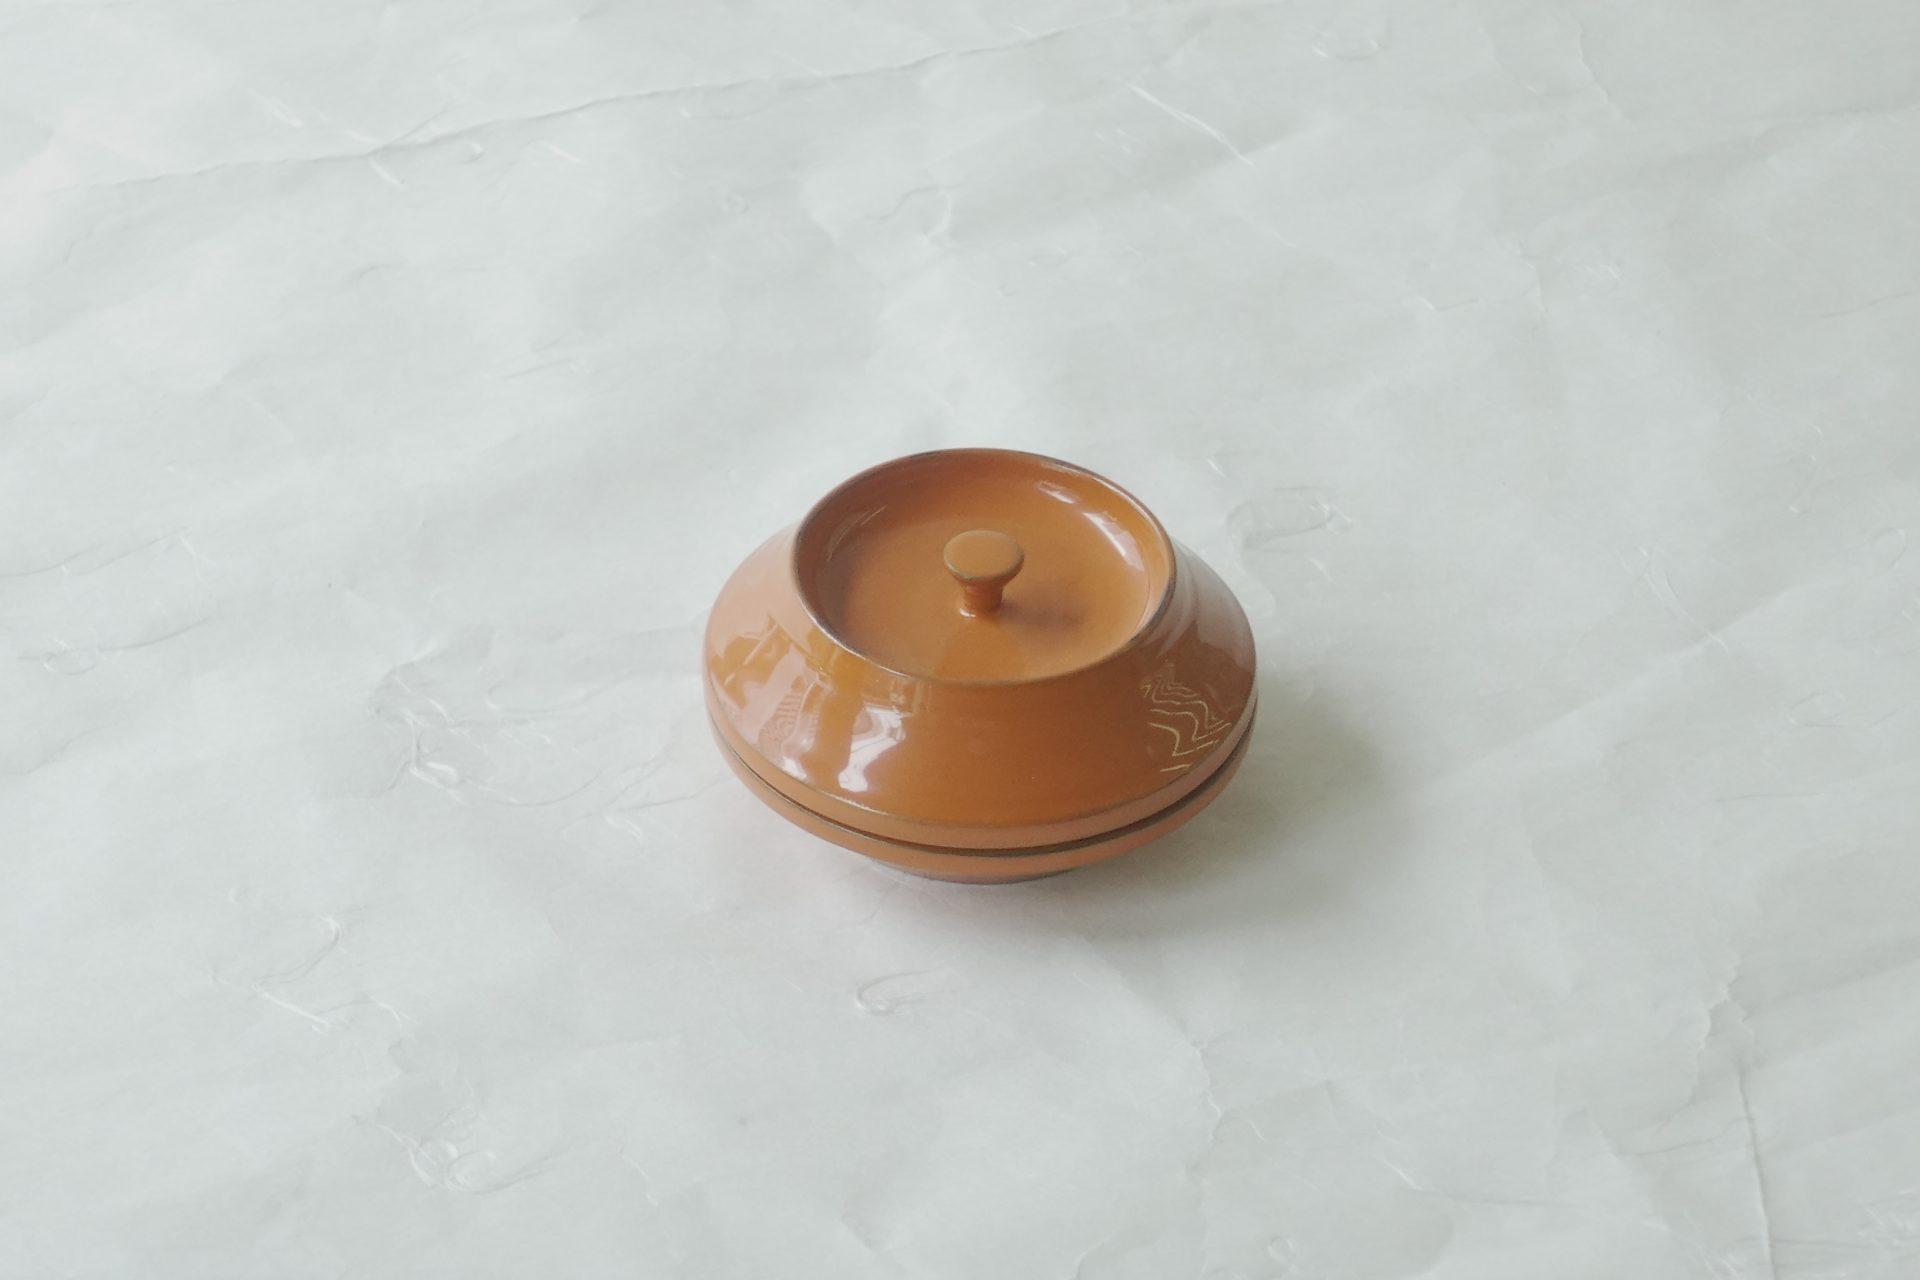 茶道具 茶の湯 茶道 山中塗 漆器 木製 富士型 香合 床の間 風炉 香木 鑑賞の対象 富士山 イメージ 赤富士 根来塗の技法 研ぎ出し うるし塗